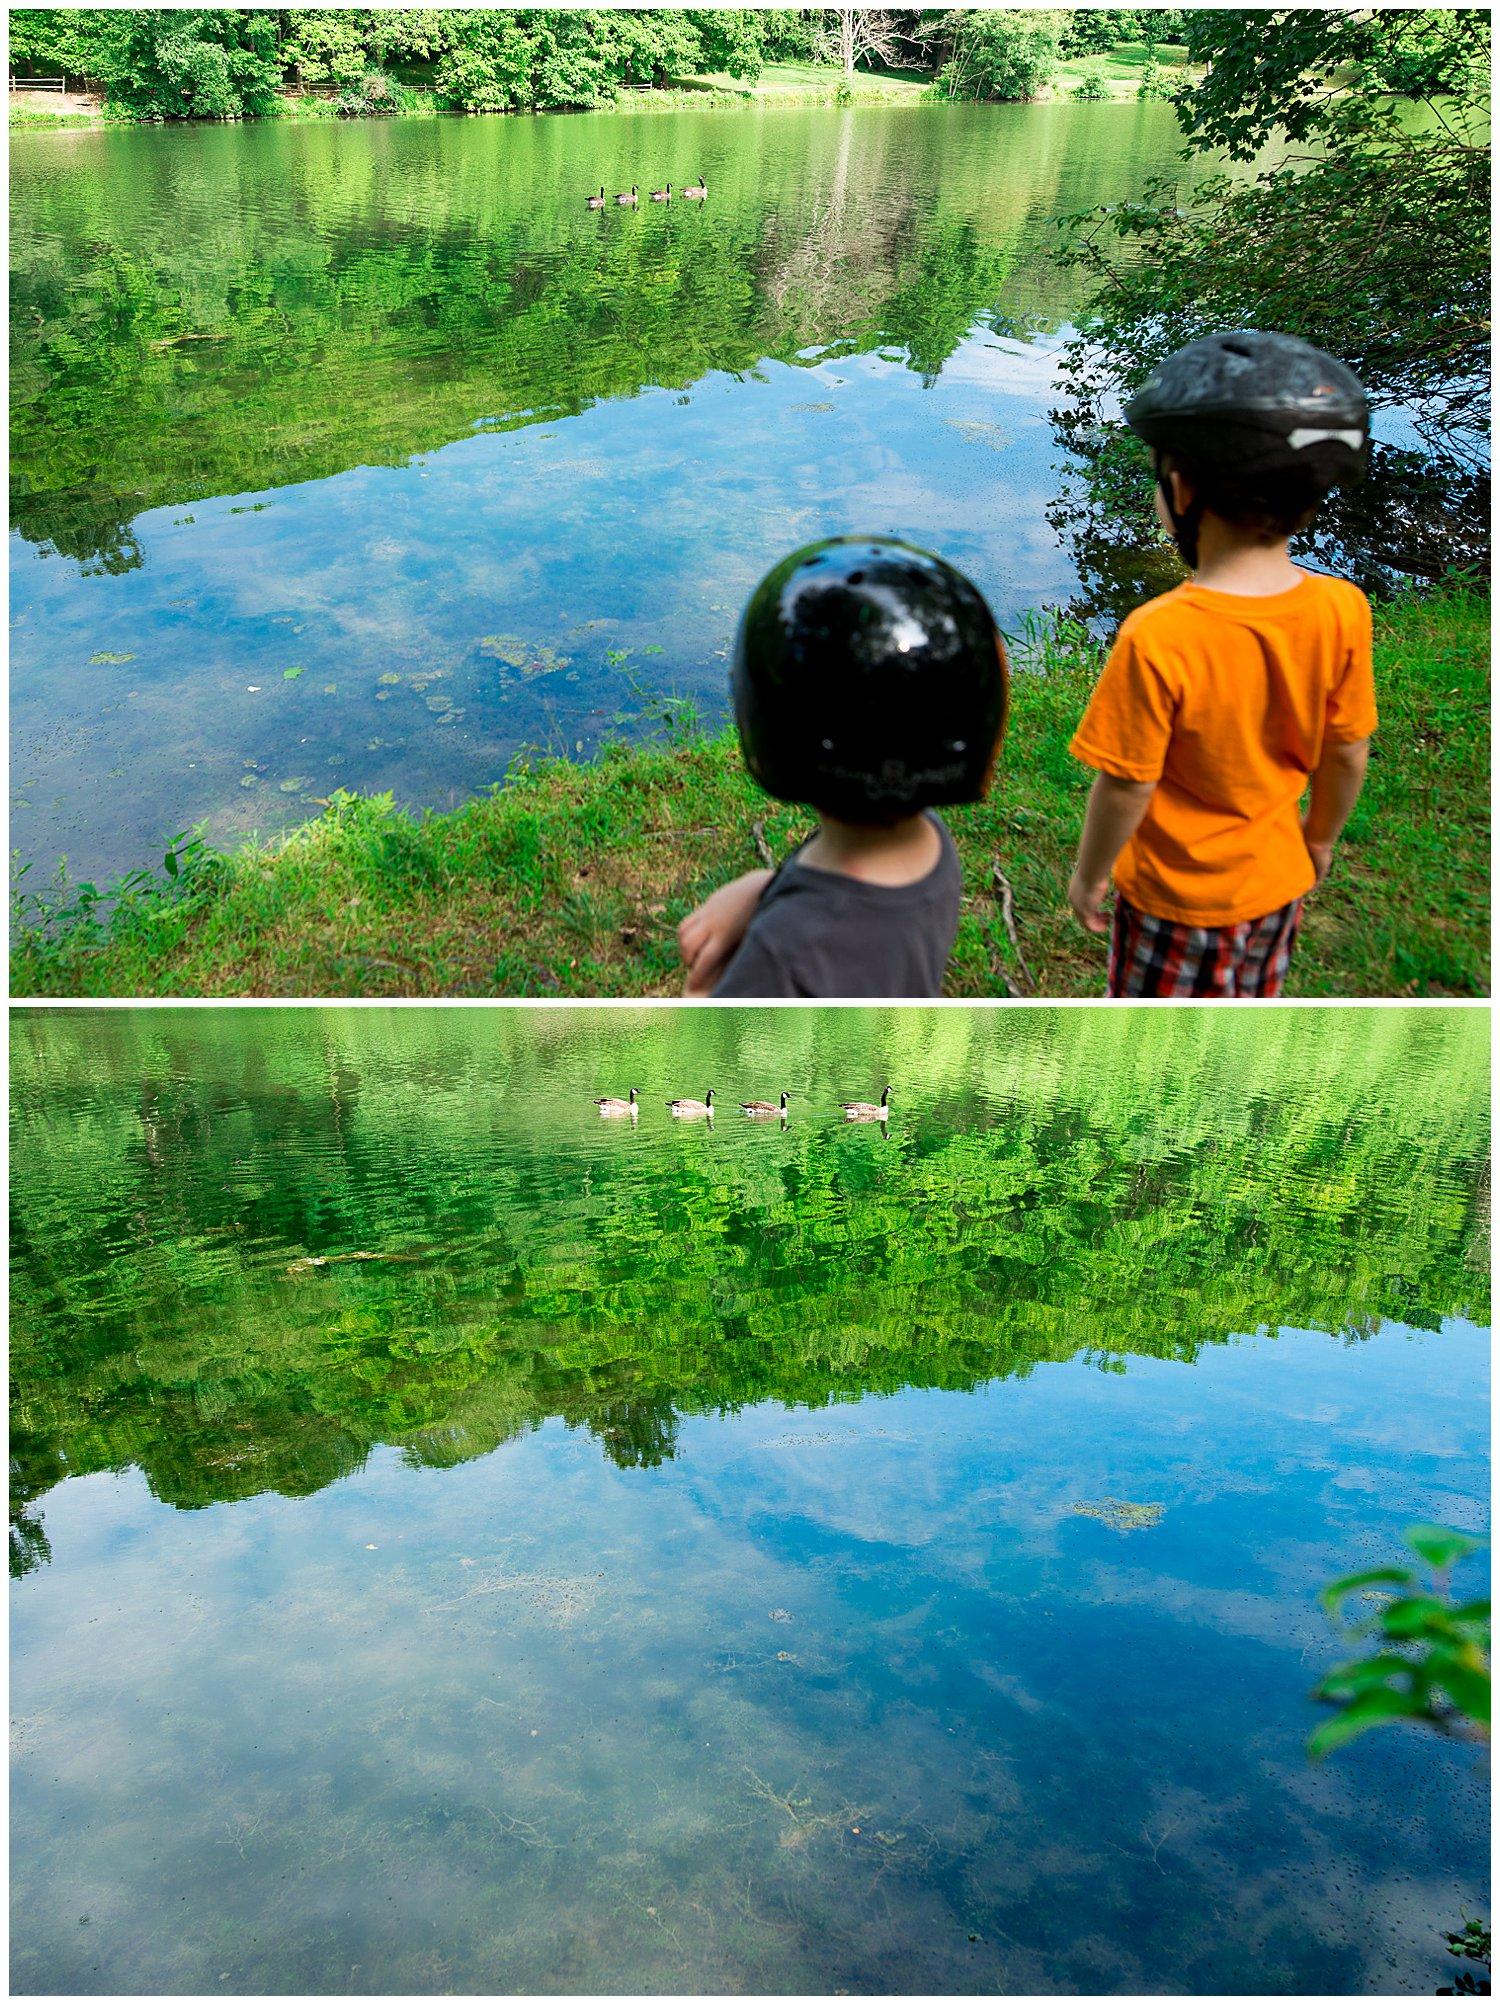 lake and ducks at Twin Lakes park